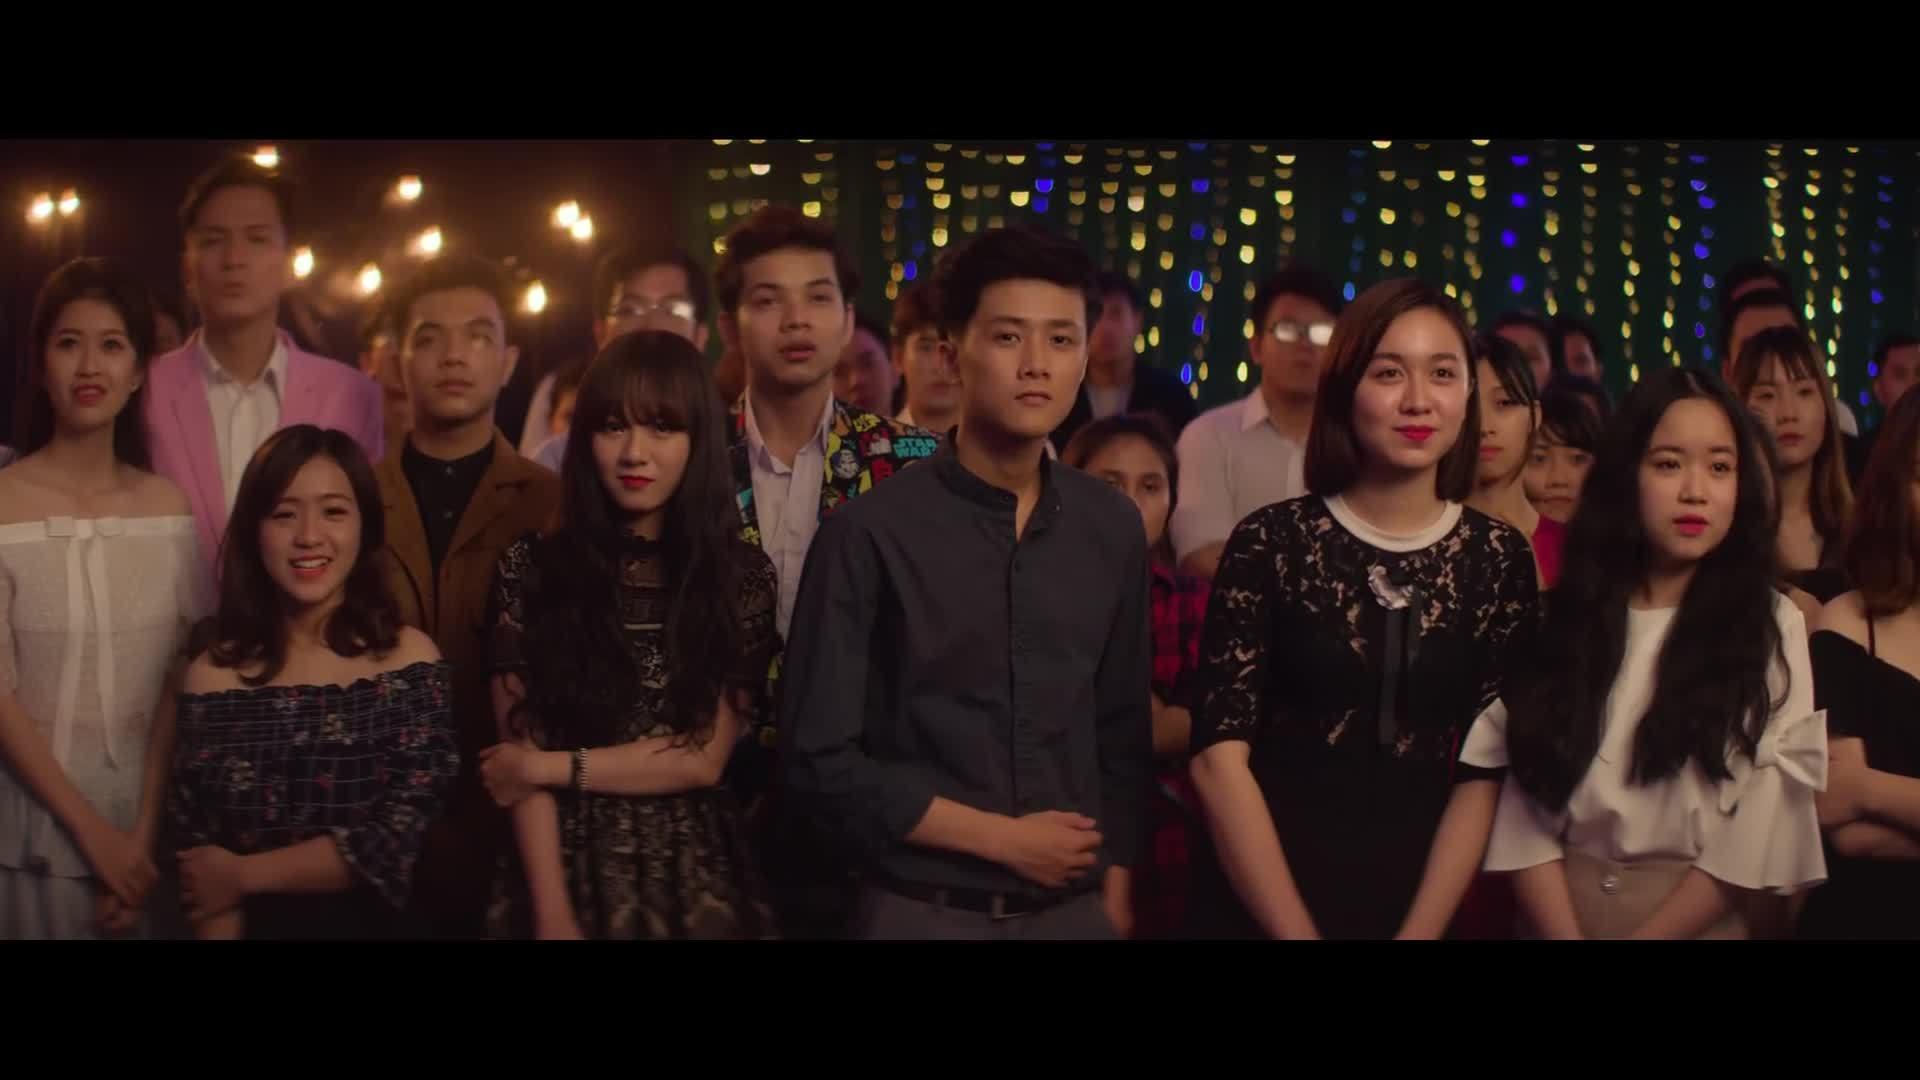 Lớp trưởng xinh đẹp trong MV 'Mình cùng nhau đóng băng'Lớp trưởng xinh đẹp trong MV 'Mình cùng nhau